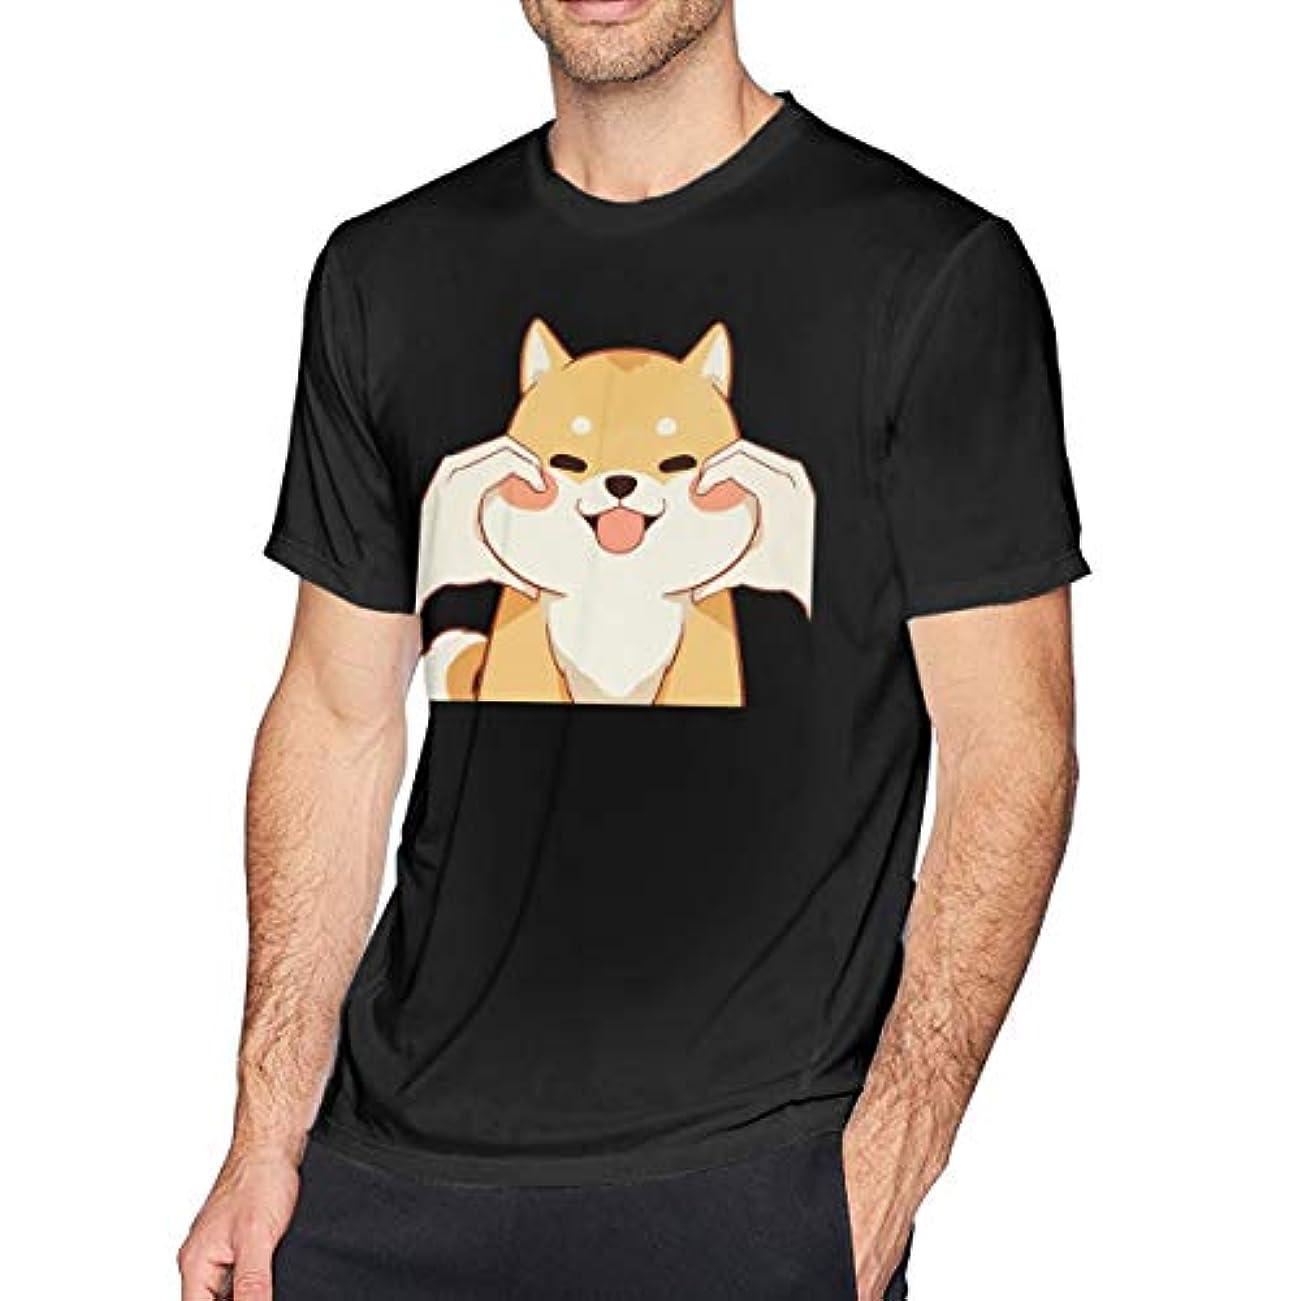 最も寂しい国内の男の 半袖の純綿のTシャツ, 経典の かわいい日本の柴犬 上着 対する男, 円襟